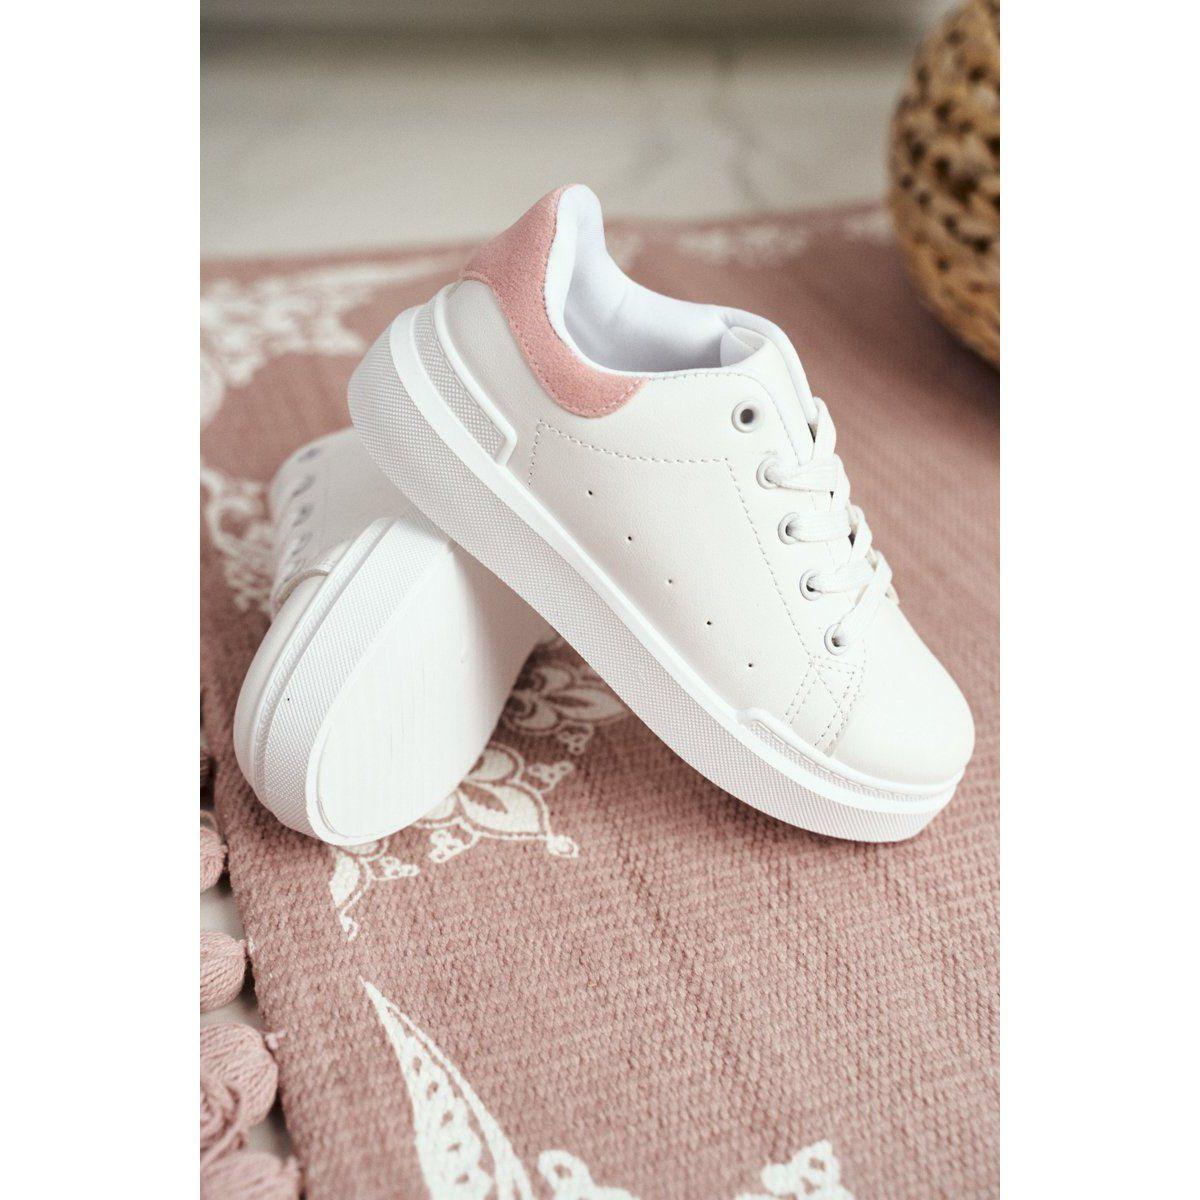 Frrock Obuwie Sportowe Dzieciece Mlodziezowe Na Rzep Bialo Rozowe Bilbo Biale Adidas Stan Smith Adidas Sneakers Sneakers